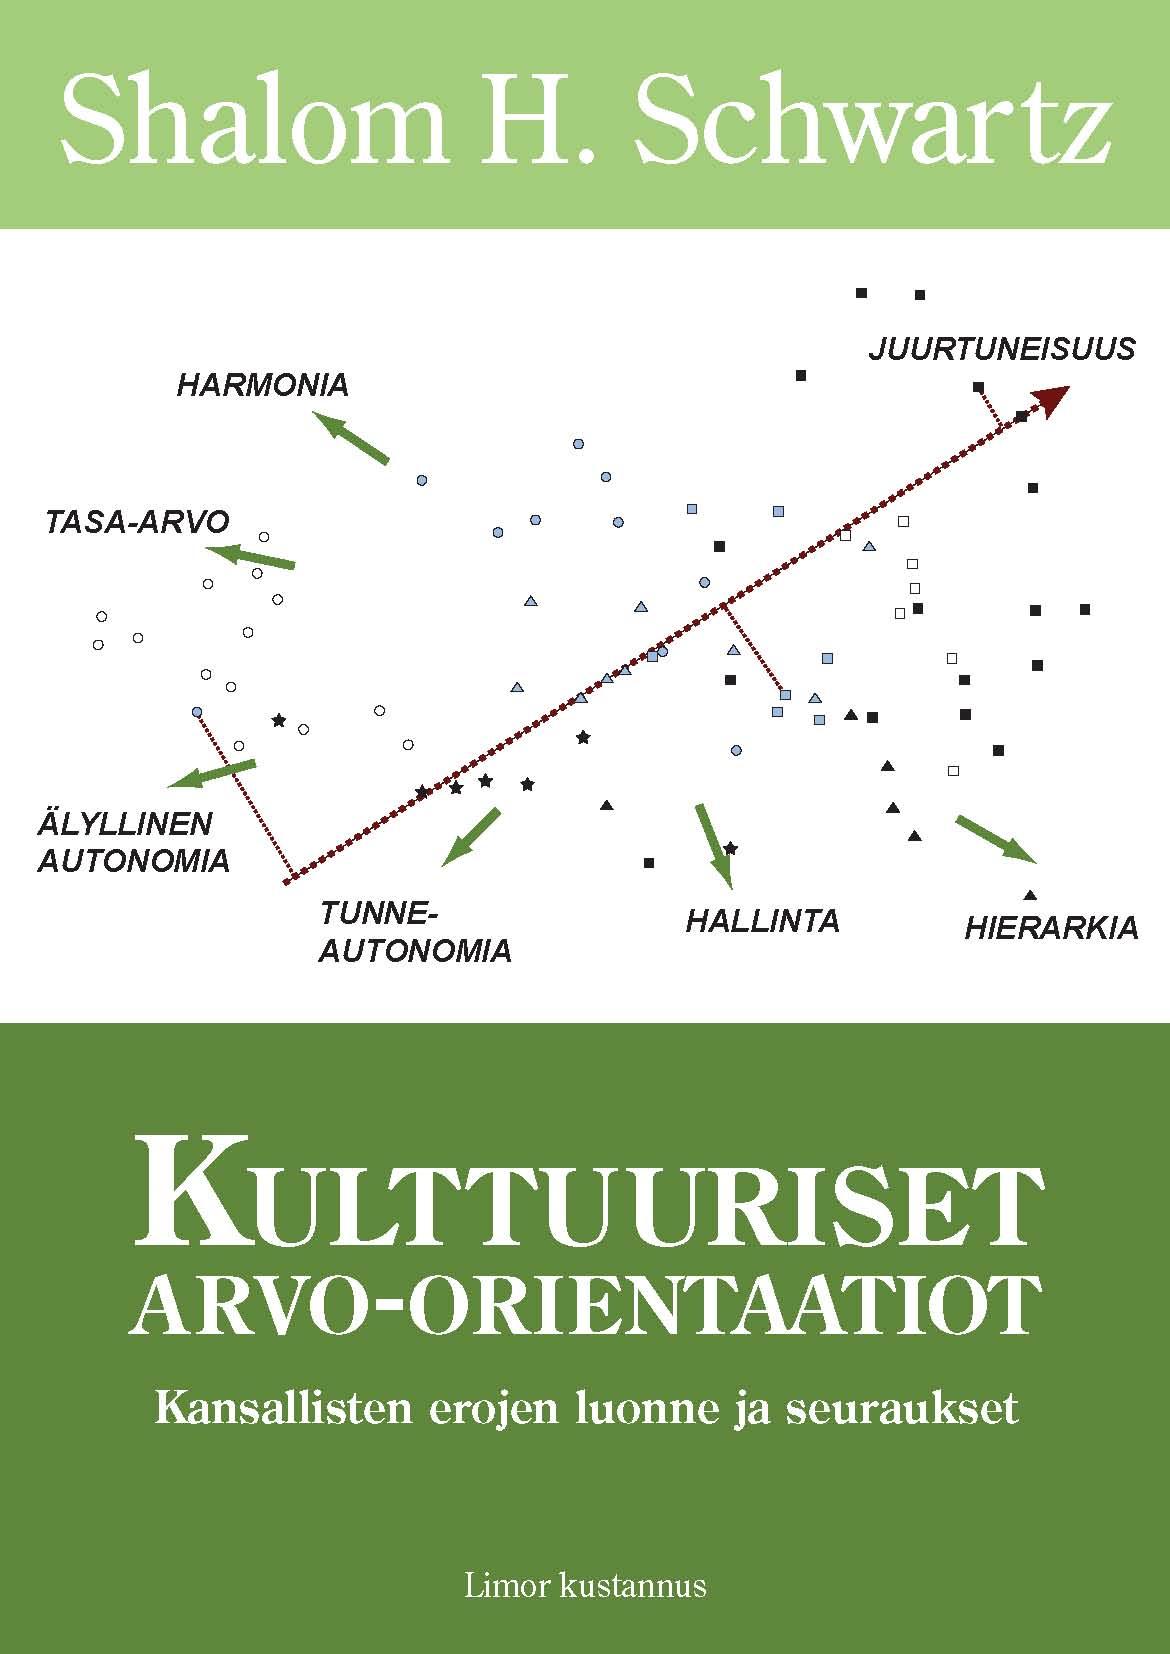 Kulttuuriset arvo-orientaatiot : Kansallisten erojen luonne ja seuraukset